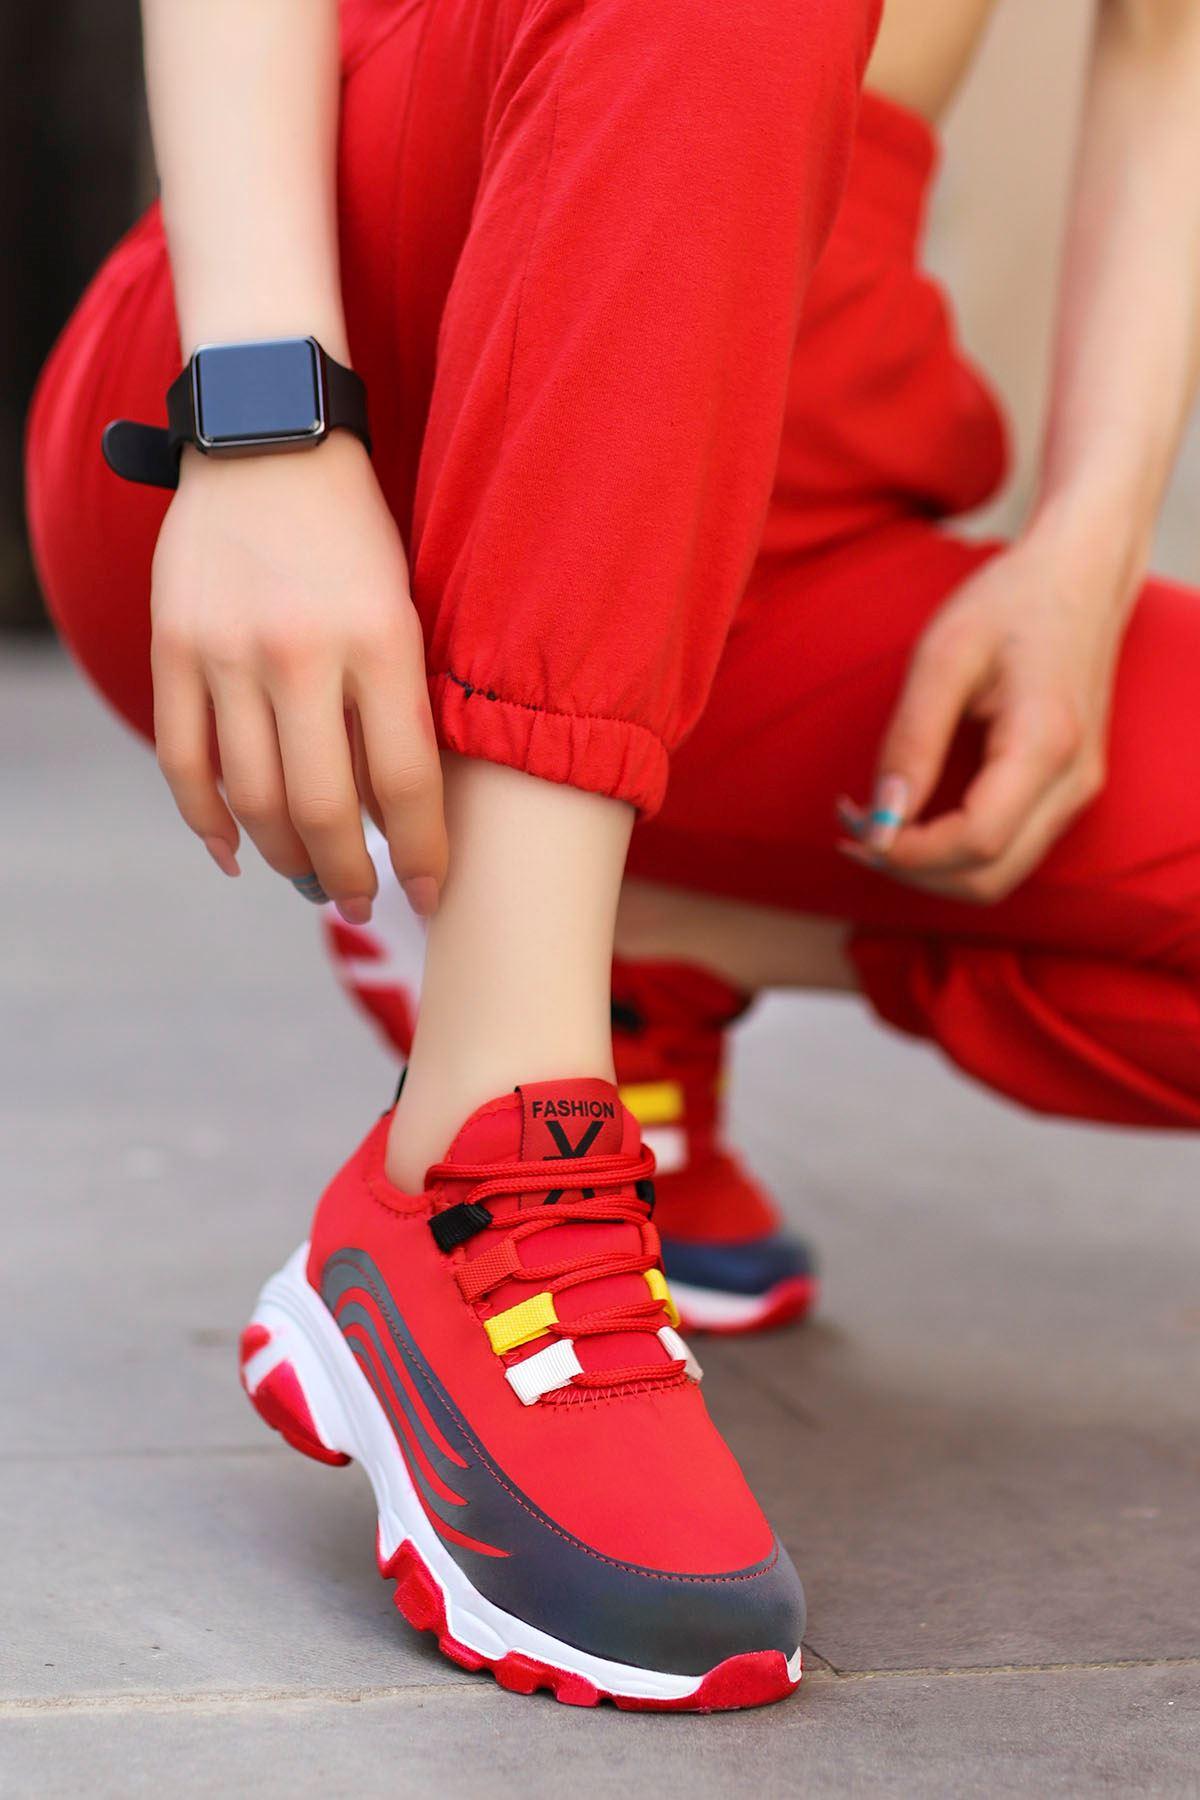 Napa Kırmızı Bağlı Sneakers